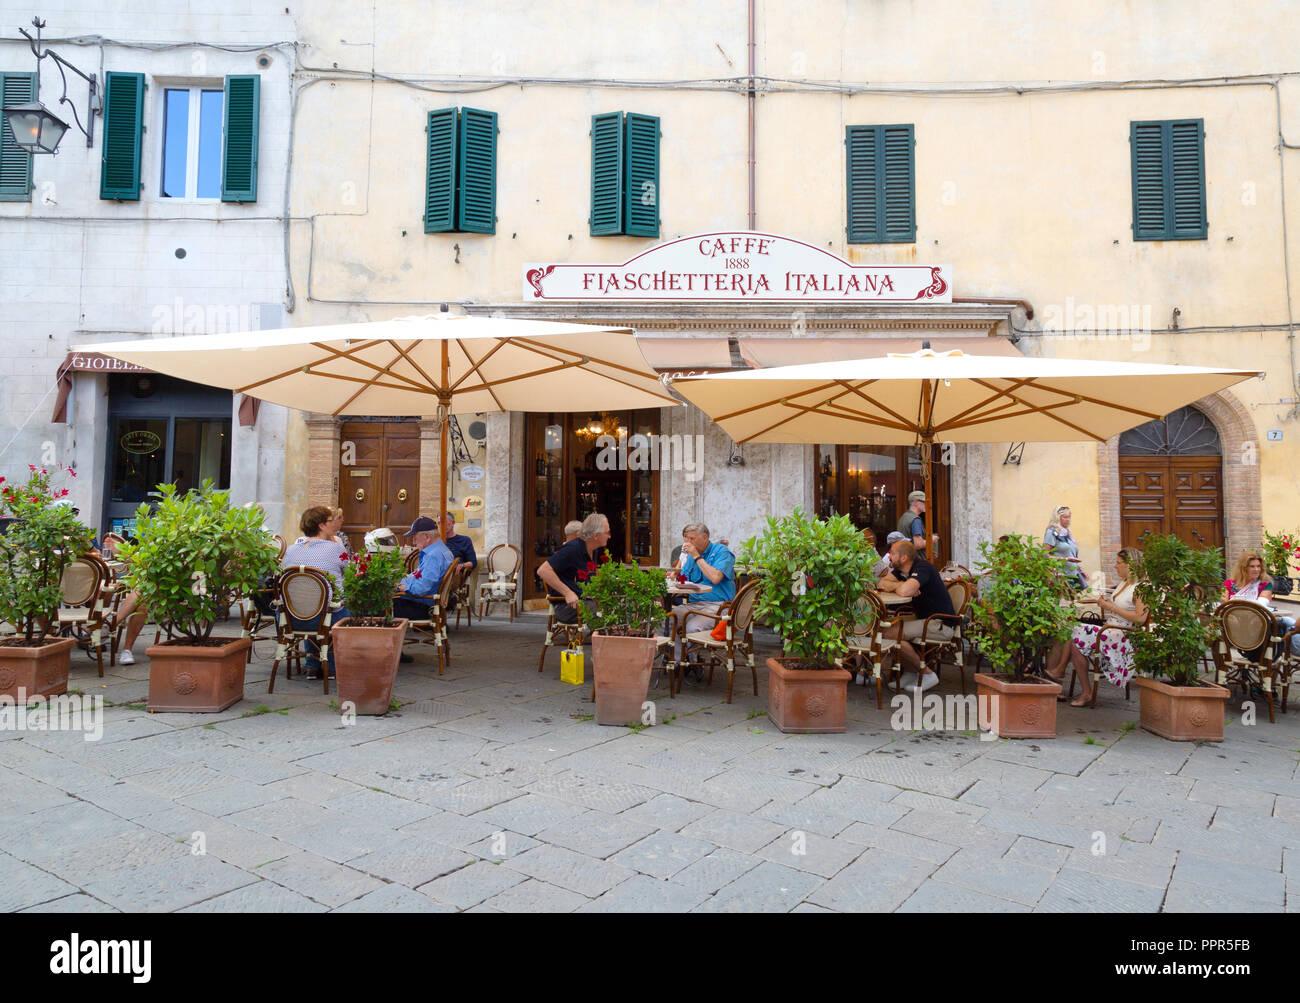 Italia cafe; gente bebiendo fuera del Caffe Fiaschetteria Italiana, la Piazza del Popolo, Montalcino, Toscana Italia Europa Imagen De Stock